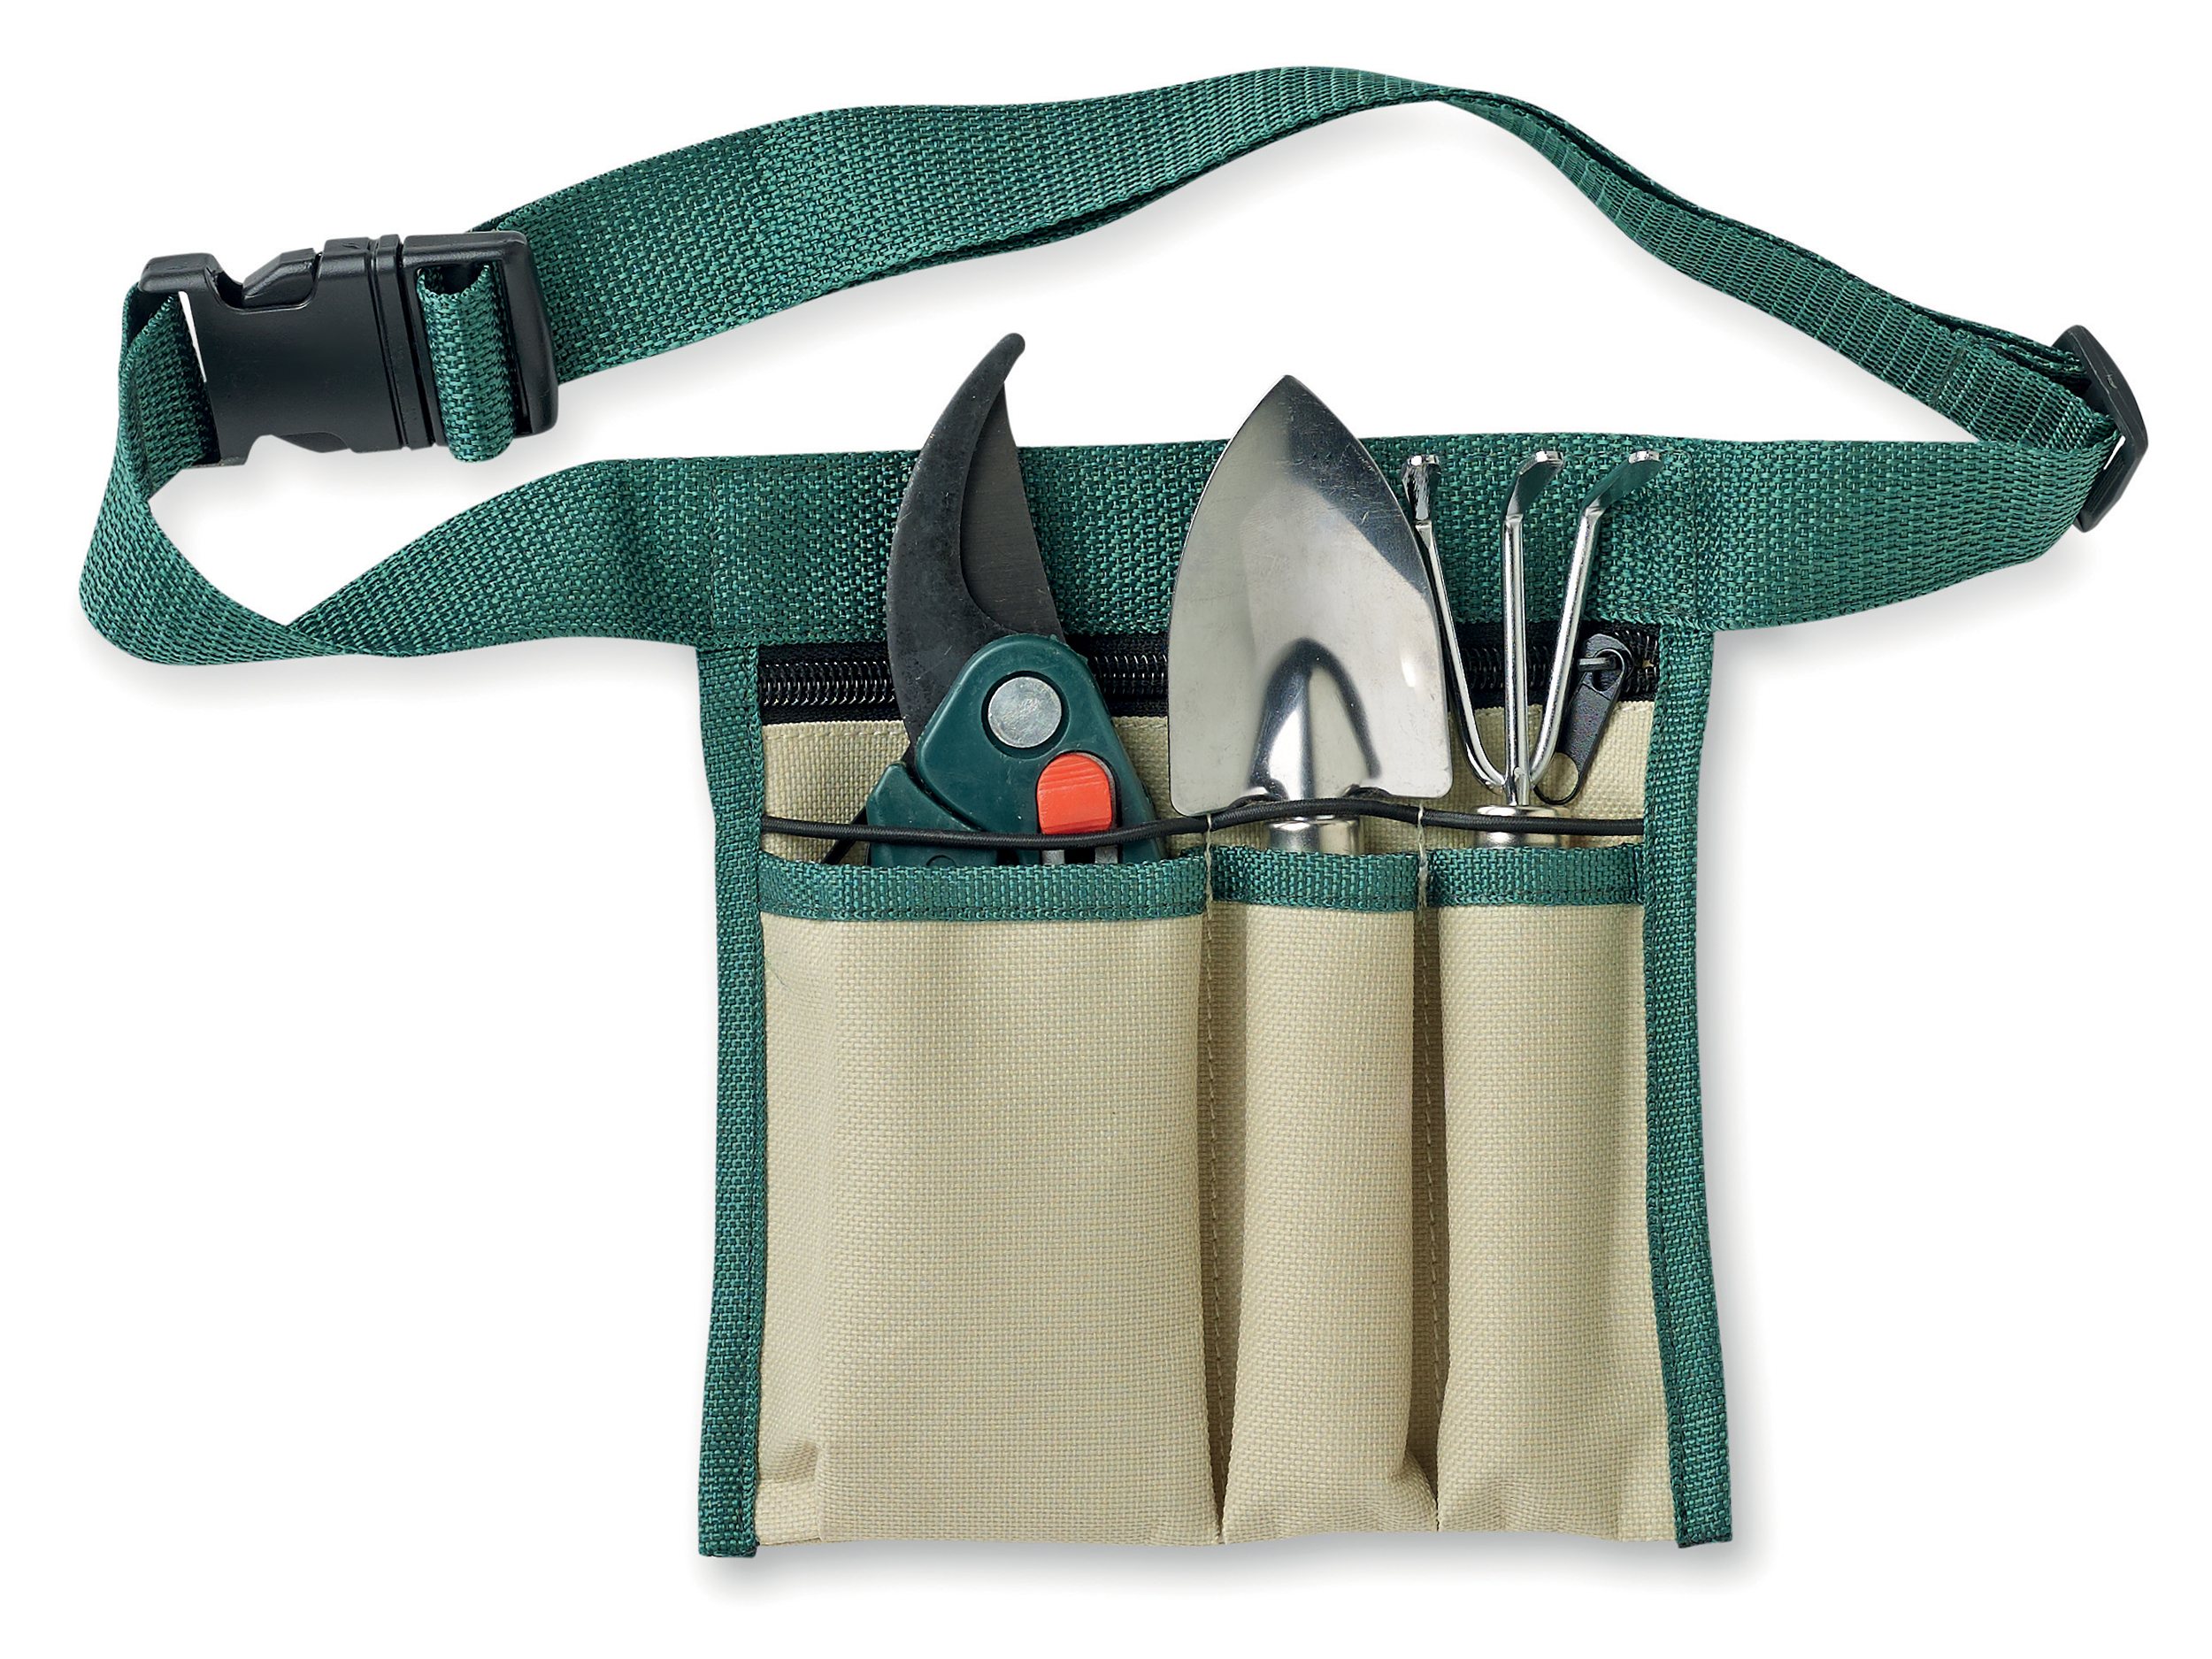 Olgp 4 Stück Innen/Außen Garten Werkzeug Set Werkzeuggürtel & Riemen ...